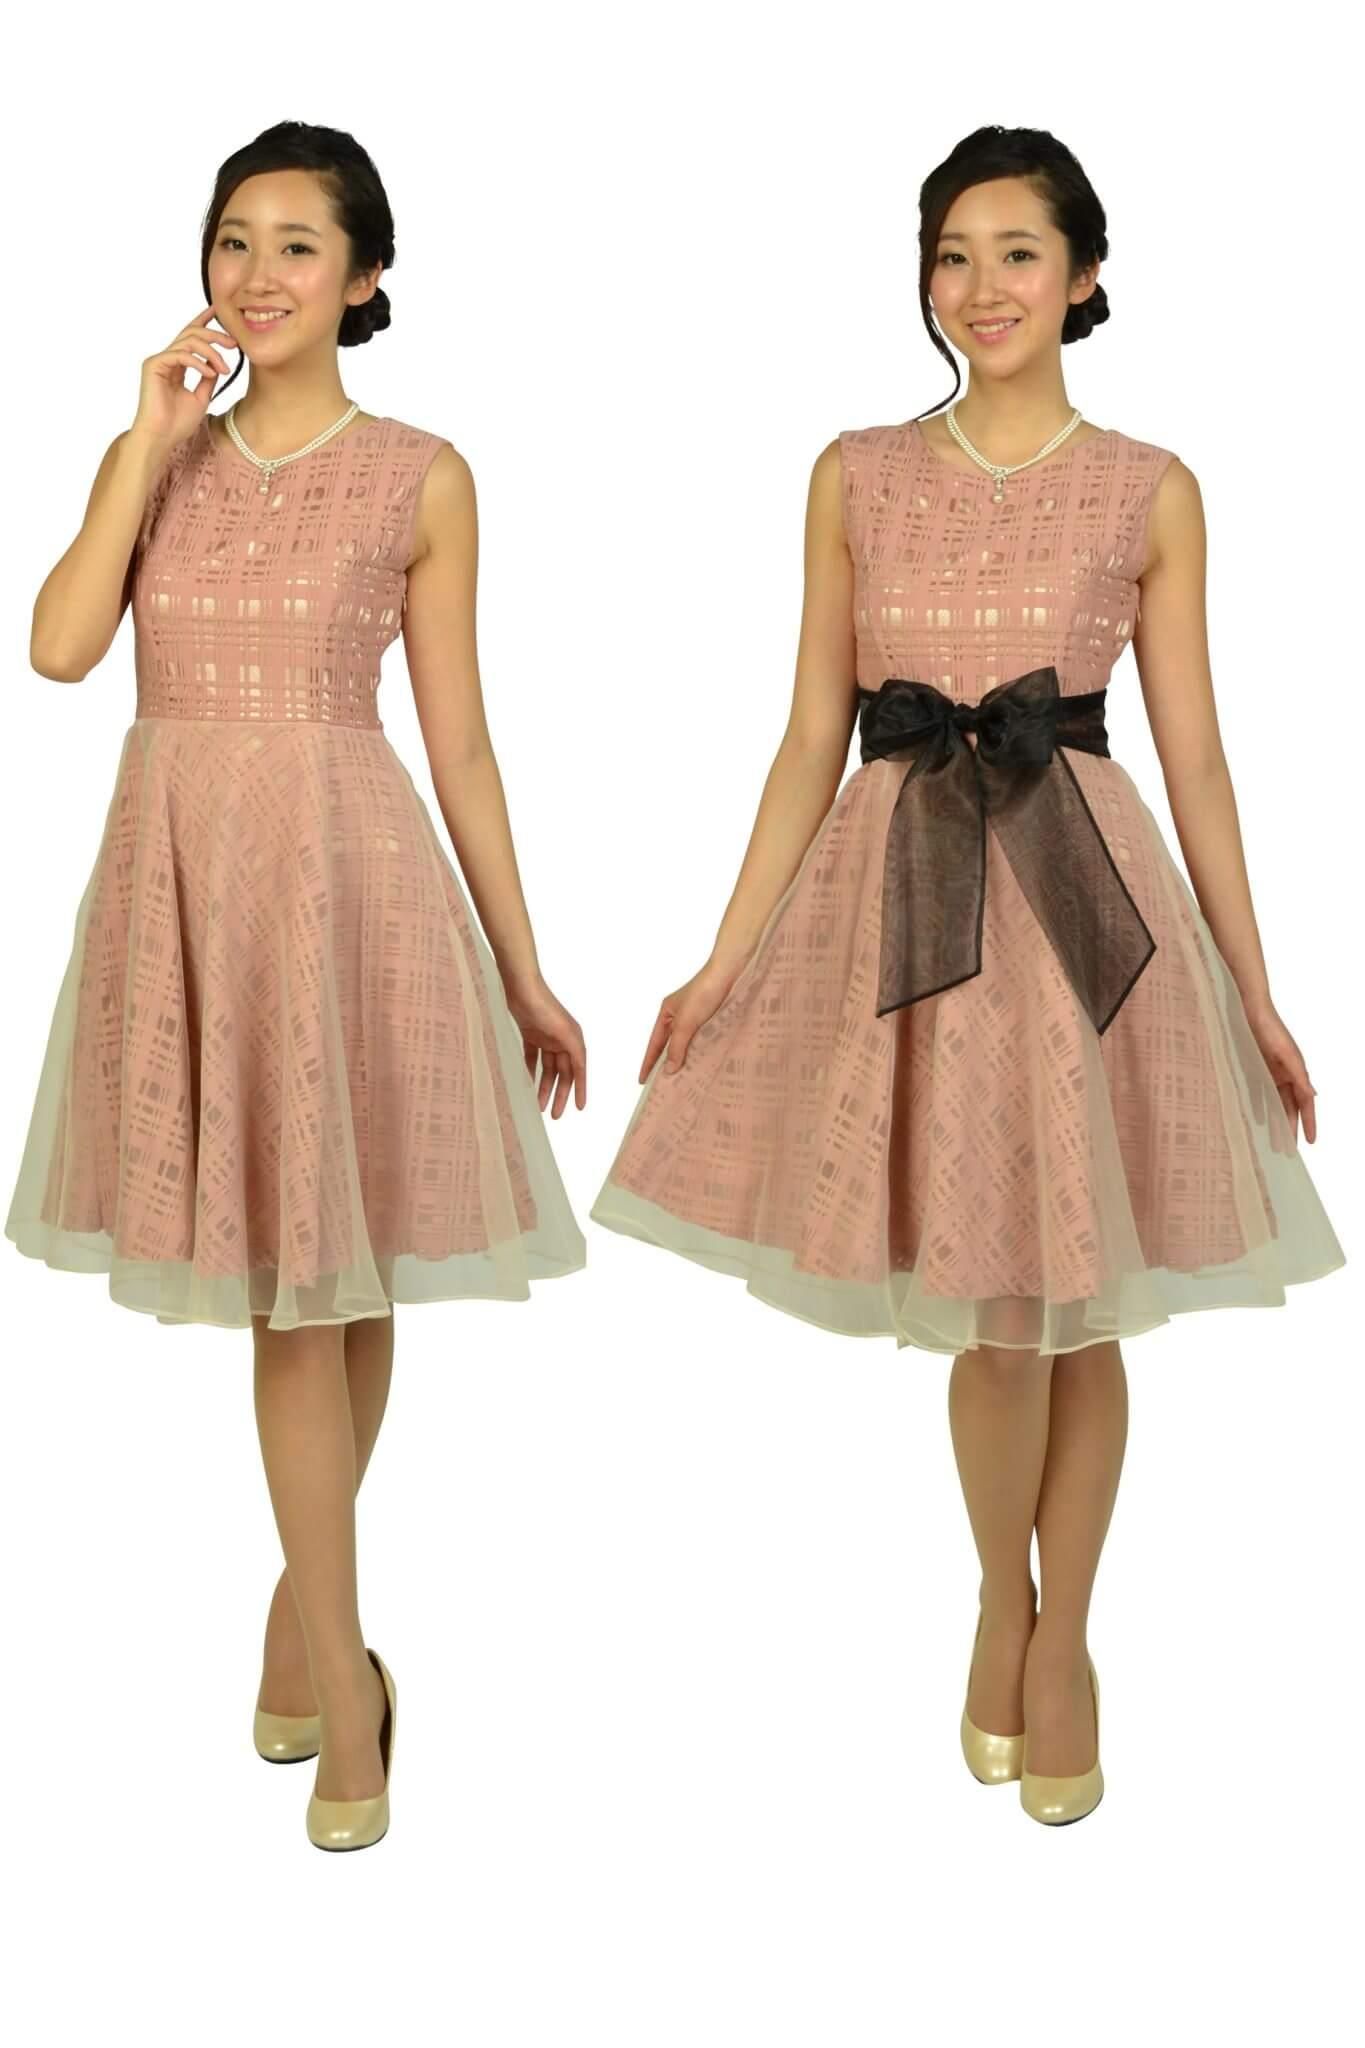 アナトリエ (anatelier)スモーキーピンクチェックドレス